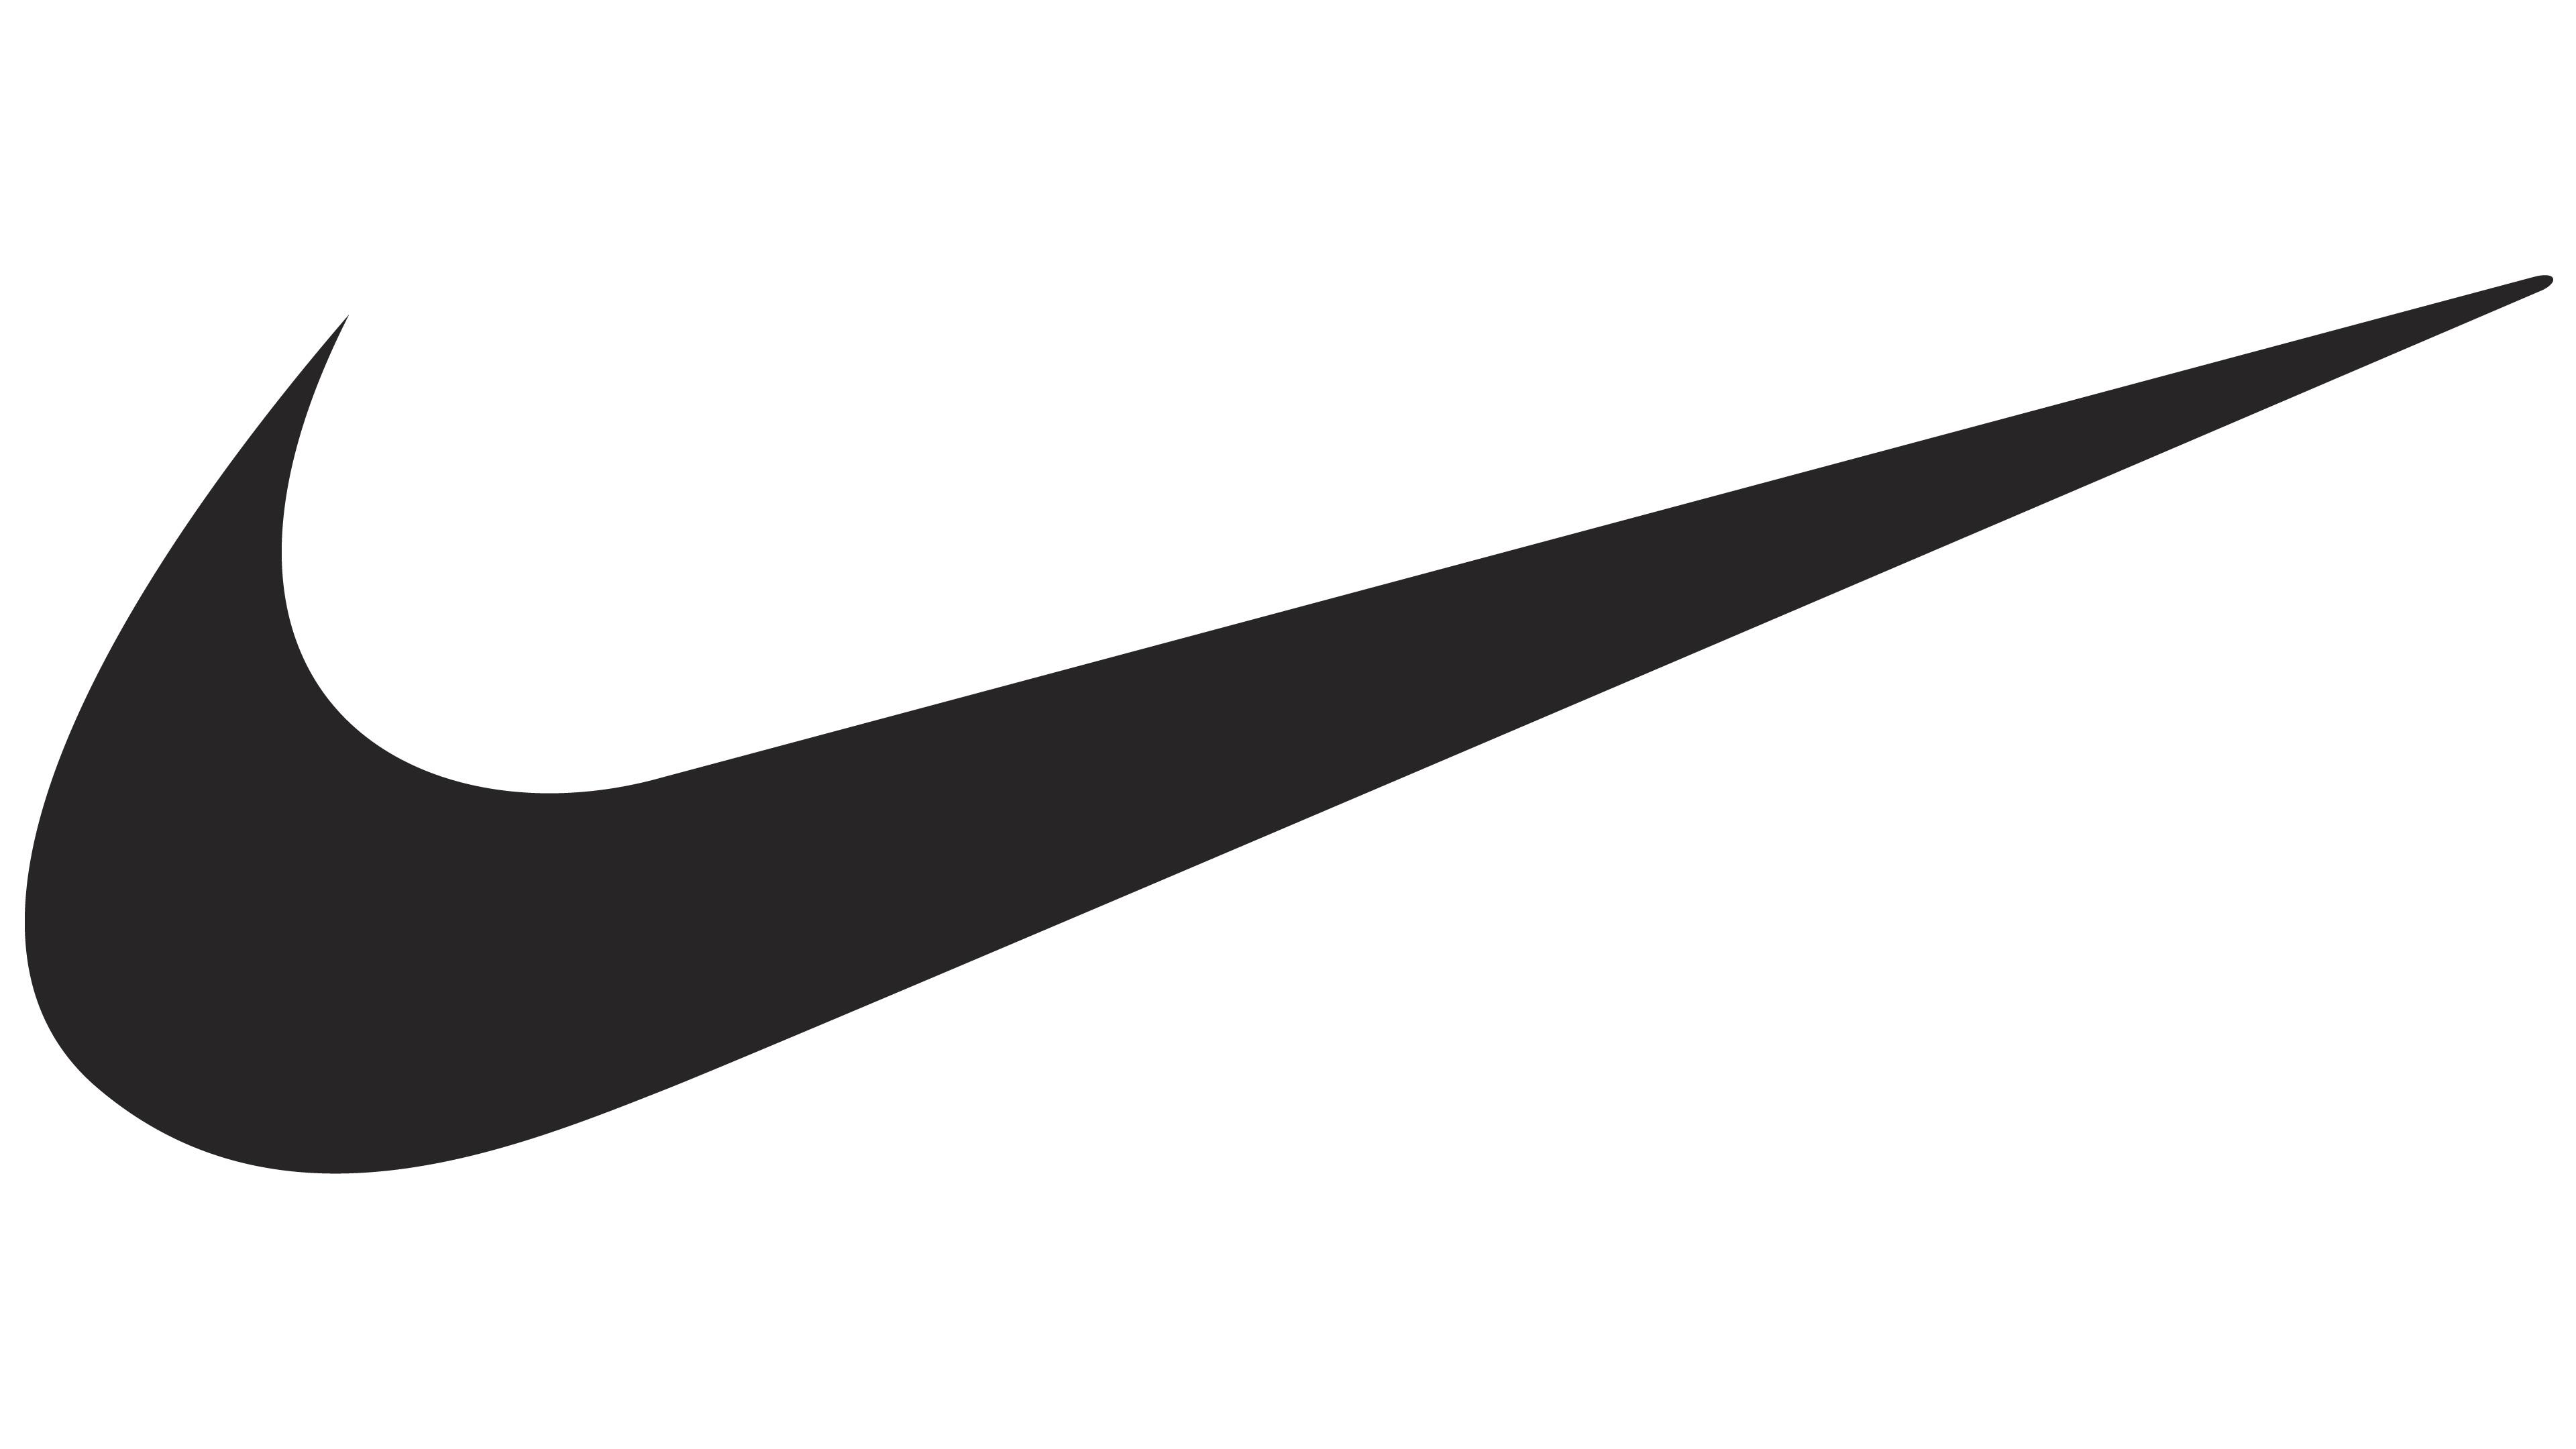 posibilidad Negar Glosario  Nike, Historia del Logo de Nike | Blog de Running, Fitness, Sneakers y  Estilo de Vida | Runnics